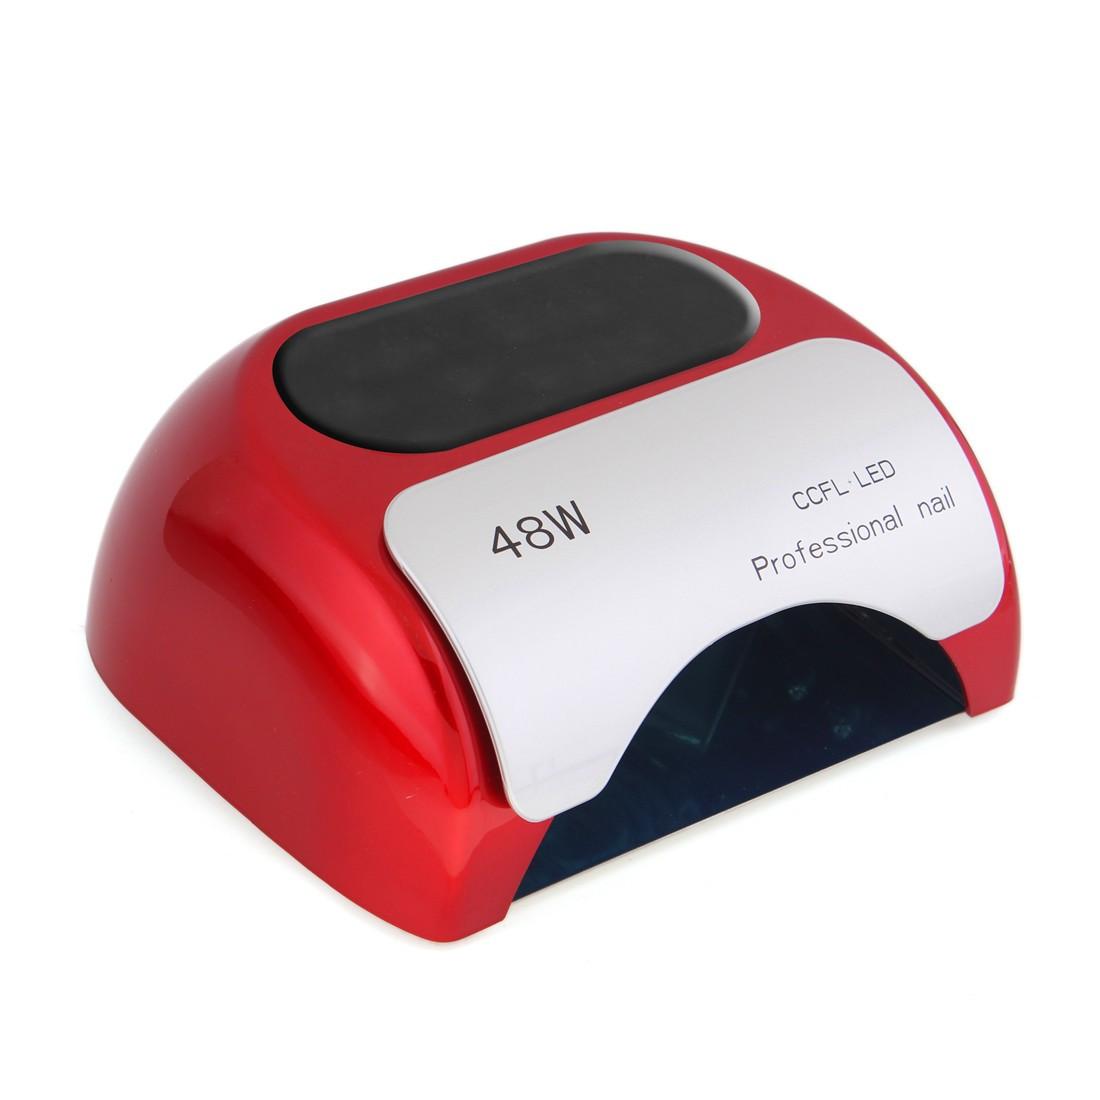 УФ CCFL/LED гибридная лампа Good Idea 48W для гель лаков и геля Красный (7143to)